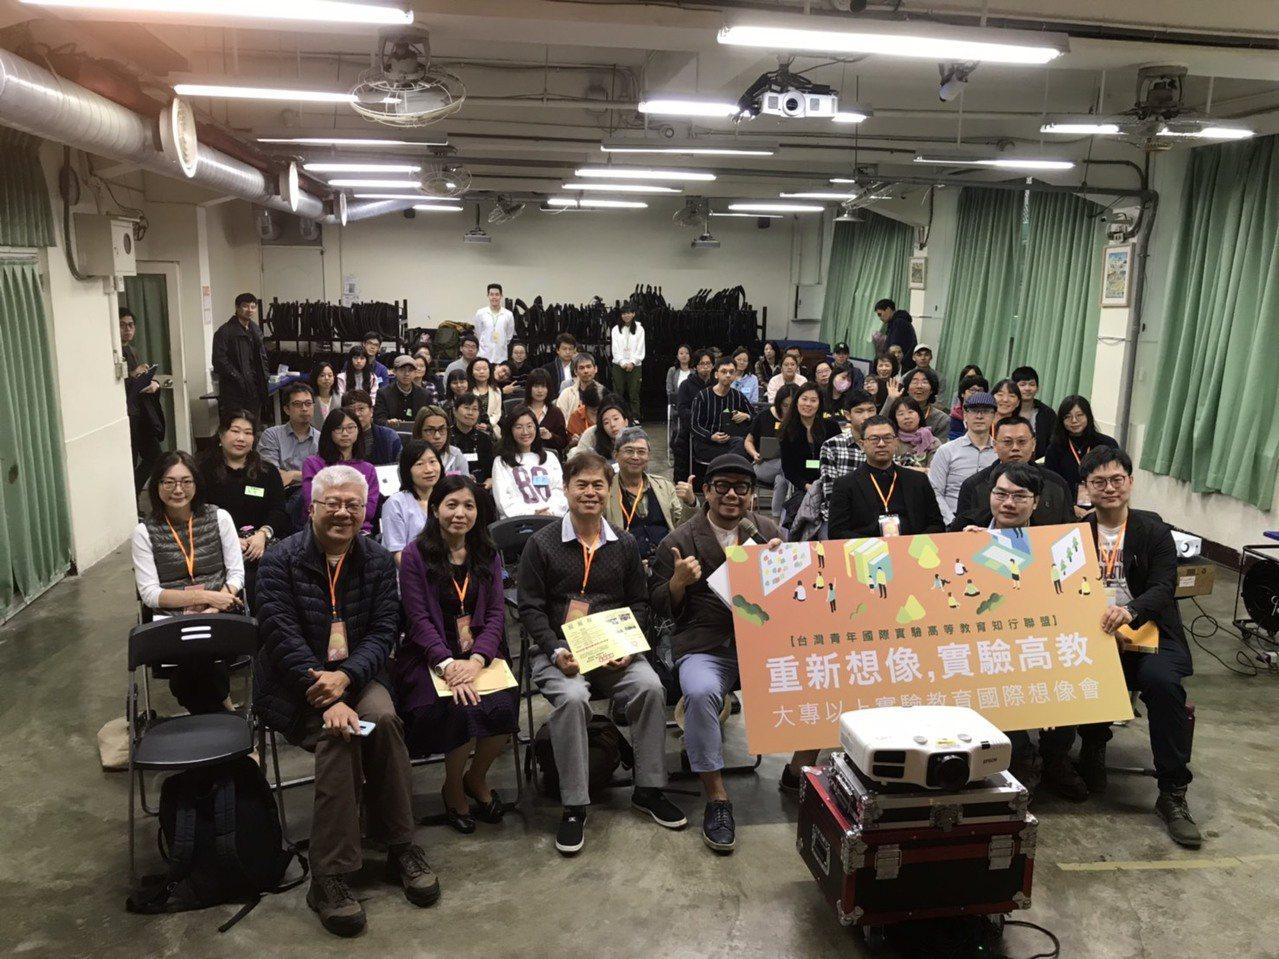 「台灣青年國際實驗高等教育知行聯盟」今天舉辦「重新想像,實驗高教」論壇。記者馮靖...